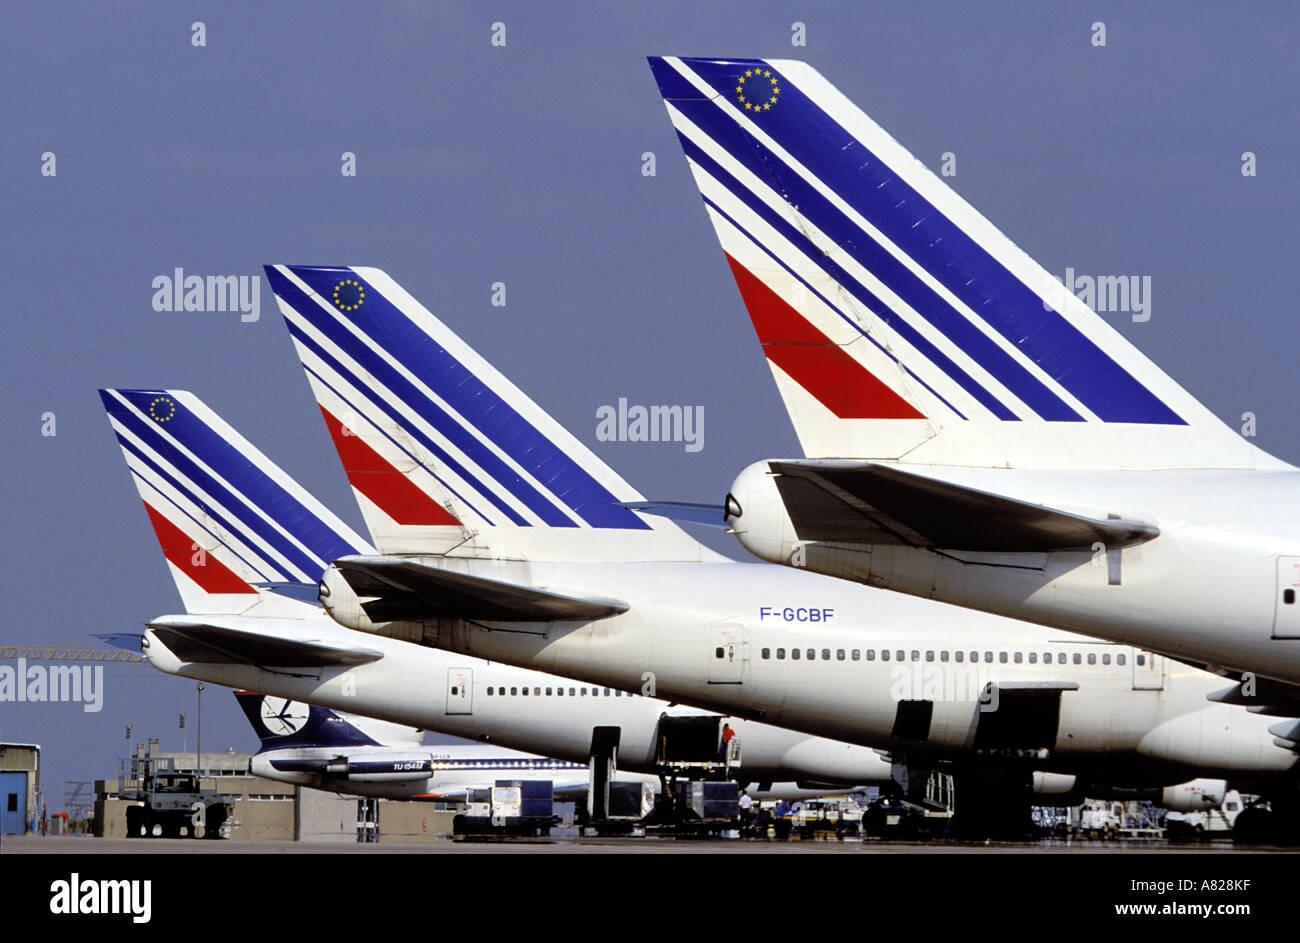 France, Seine Saint Denis, embleme de le compagnie Air France - Stock Image